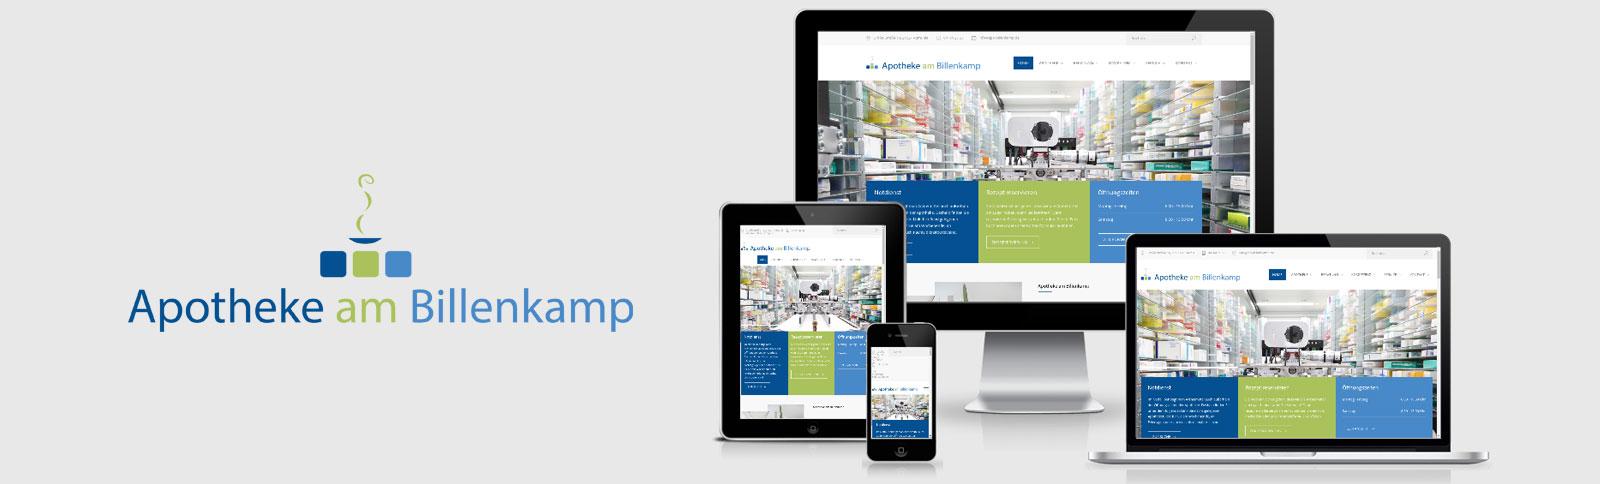 Themen-Logo-Entwicklung, Überarbeitung der Visitenkarte und des Briefpapiers, Fotoshooting und Relaunch der Website für die Apotheke am Billenkamp durch Kähler & Kähler